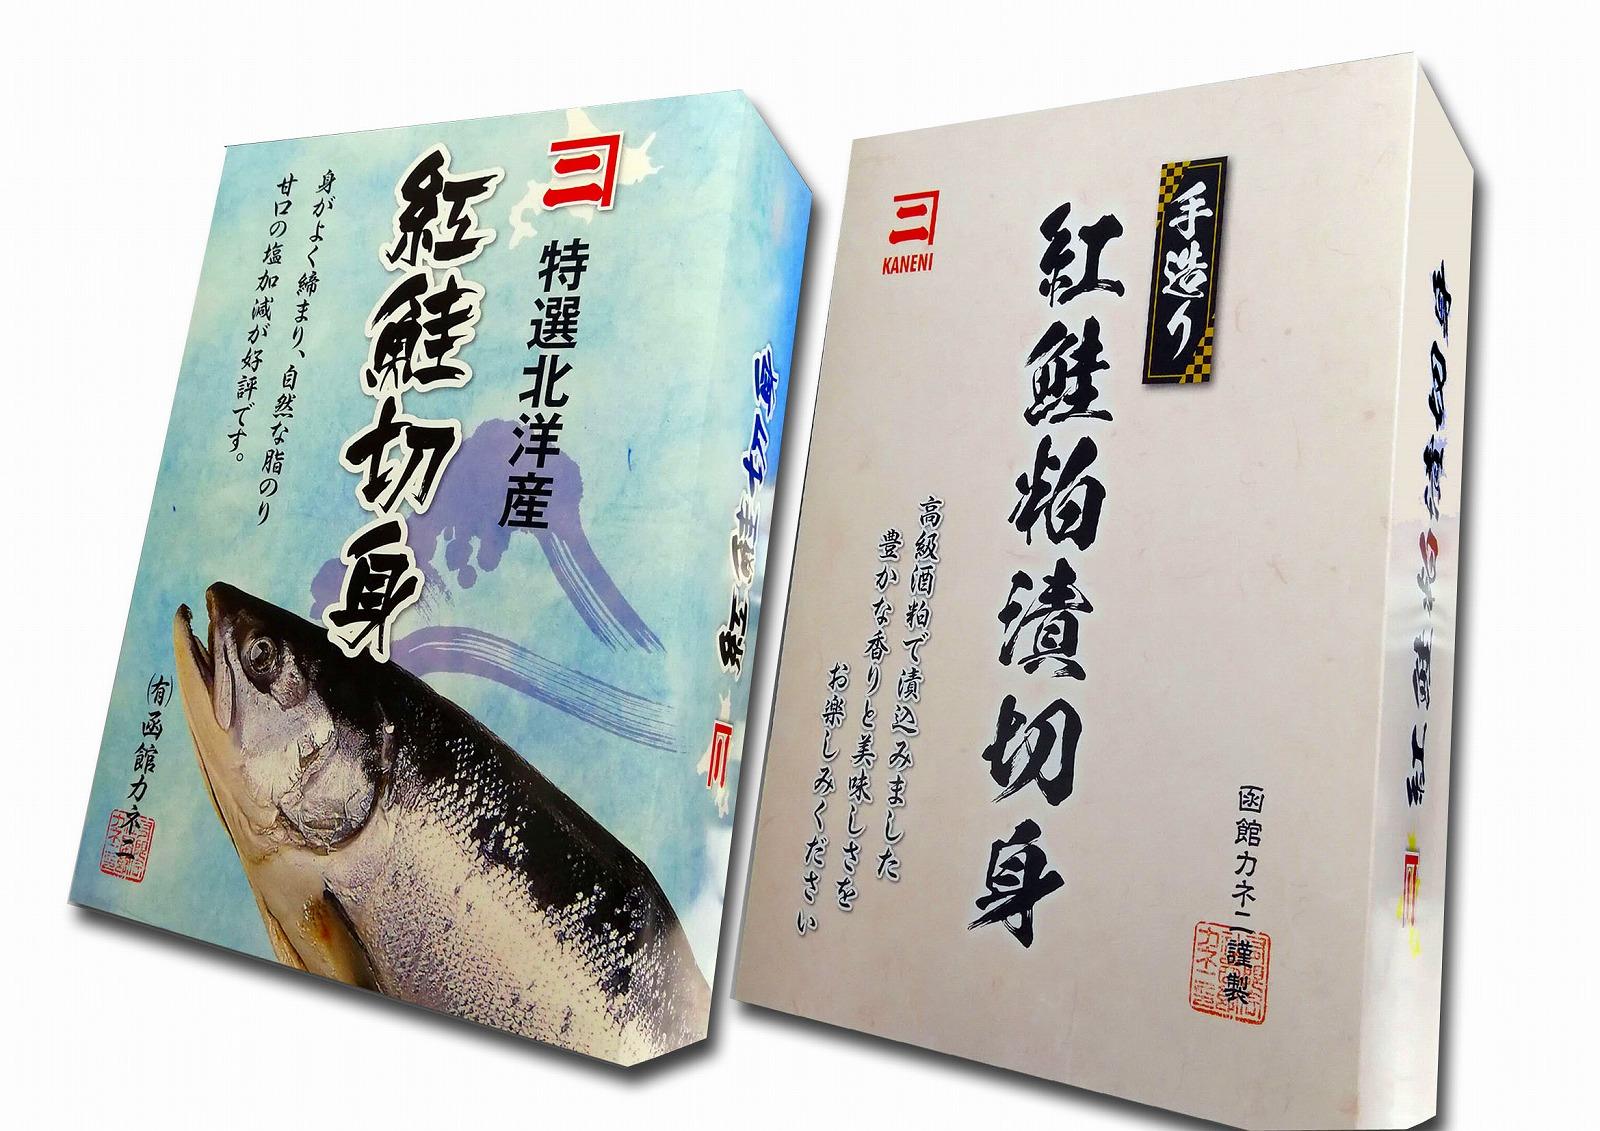 【ふるさと納税】紅鮭切身・紅鮭切身粕漬け(1切真空)2箱セット[7692179]